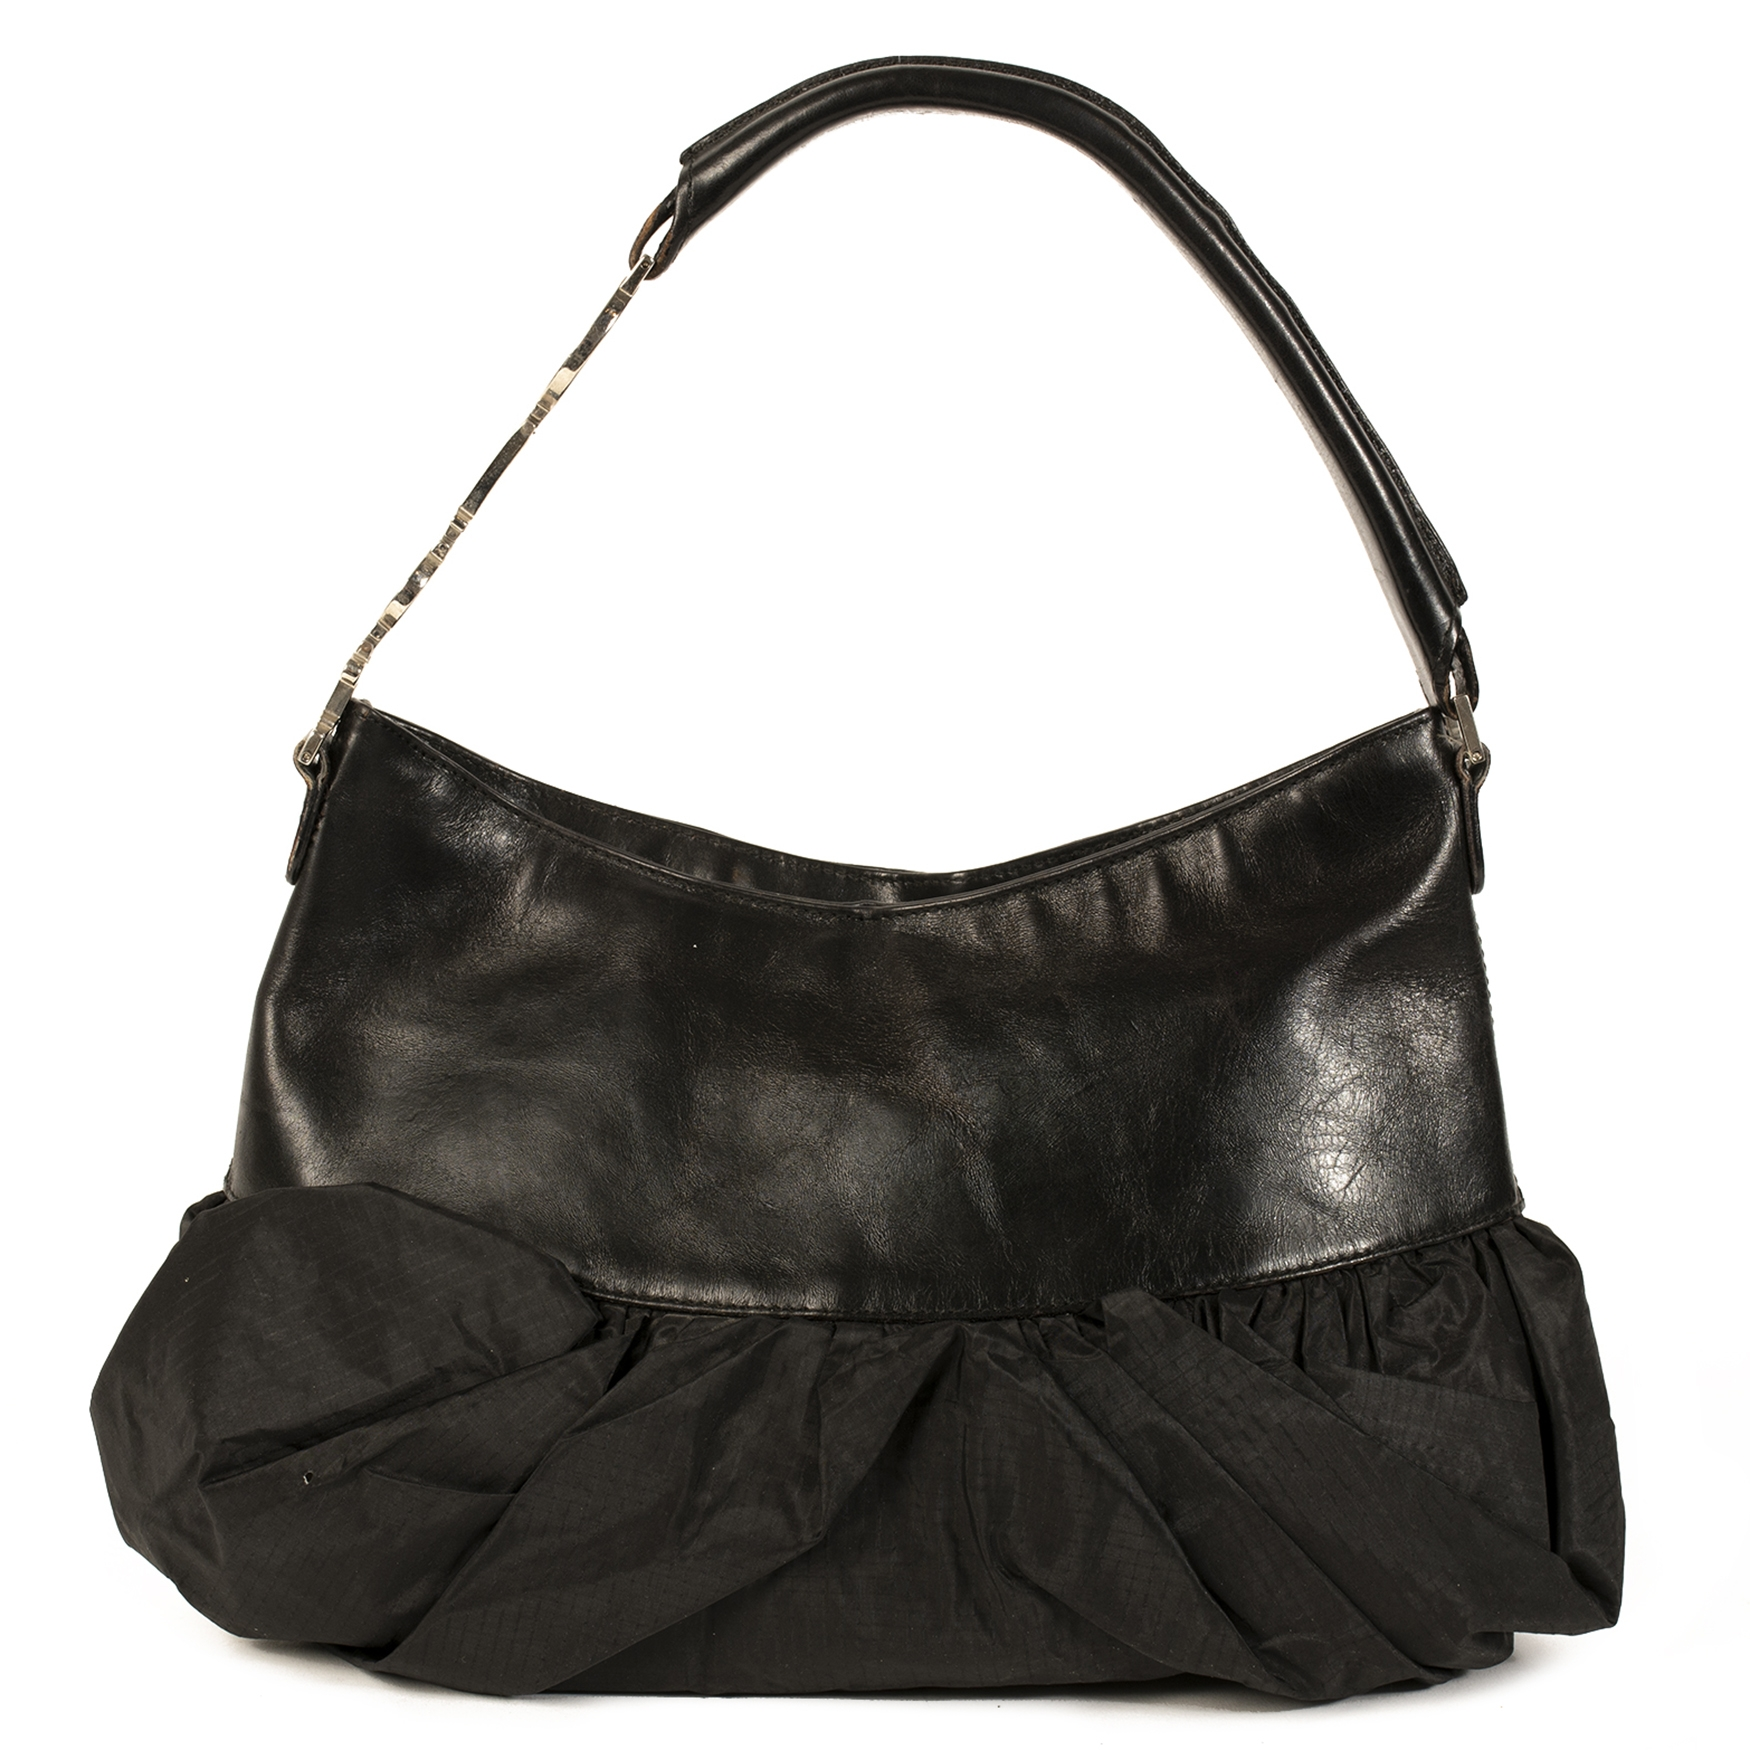 Authentieke Tweedehands Christian Dior Black Leather Bow Bag juiste prijs veilig online shoppen luxe merken webshop winkelen Antwerpen België mode fashion